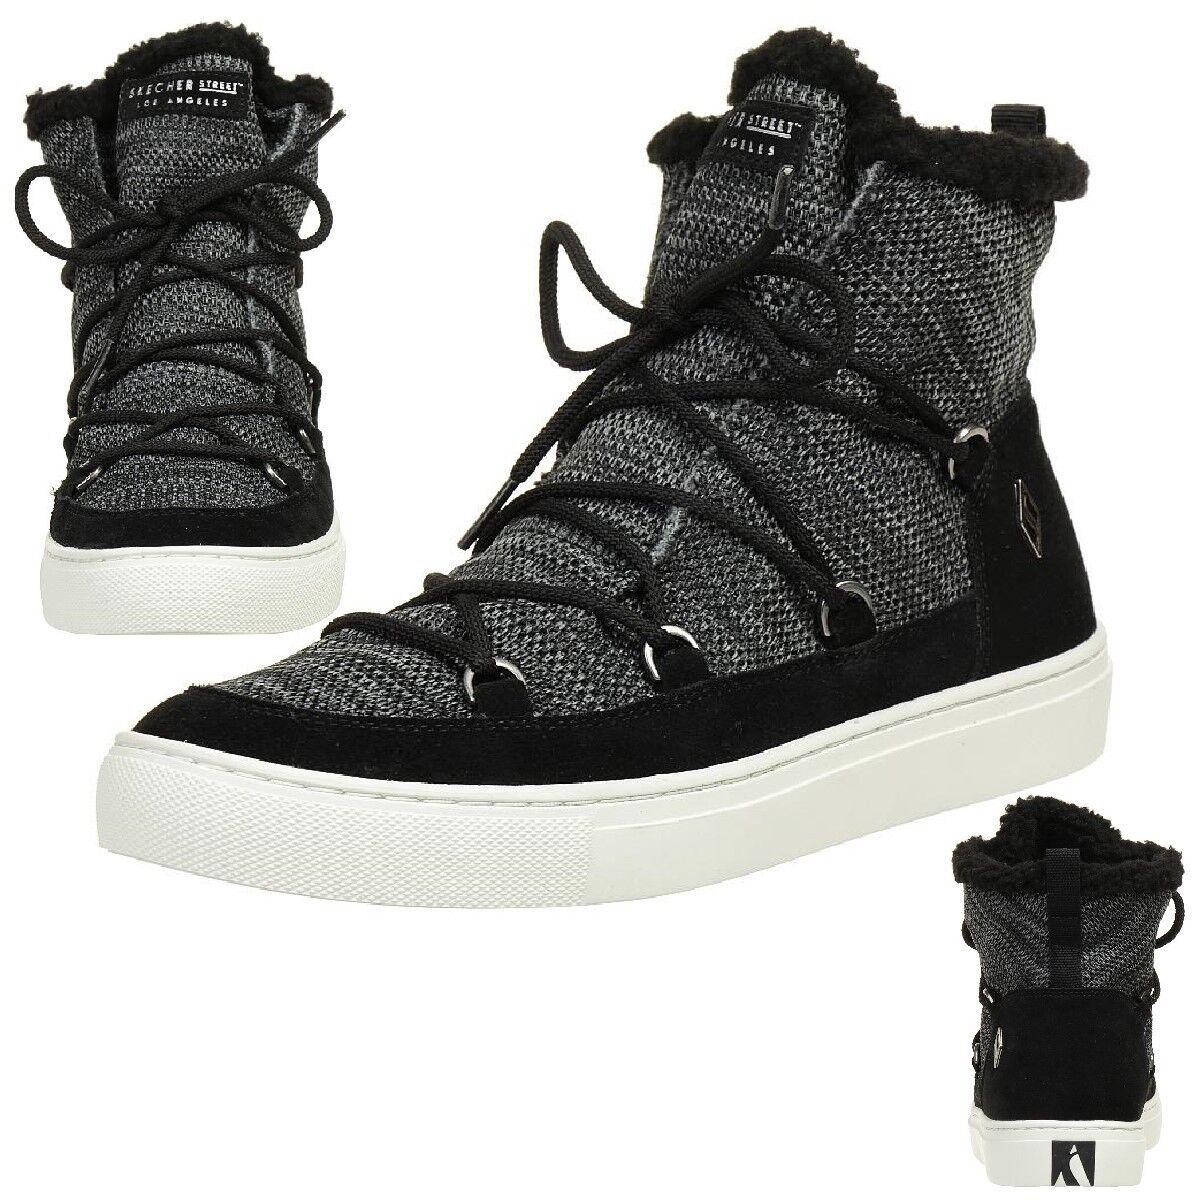 Skechers Side Street Street Street Cálido Wrappers botas botas de Invierno Mujer Forrado Blk  gran selección y entrega rápida